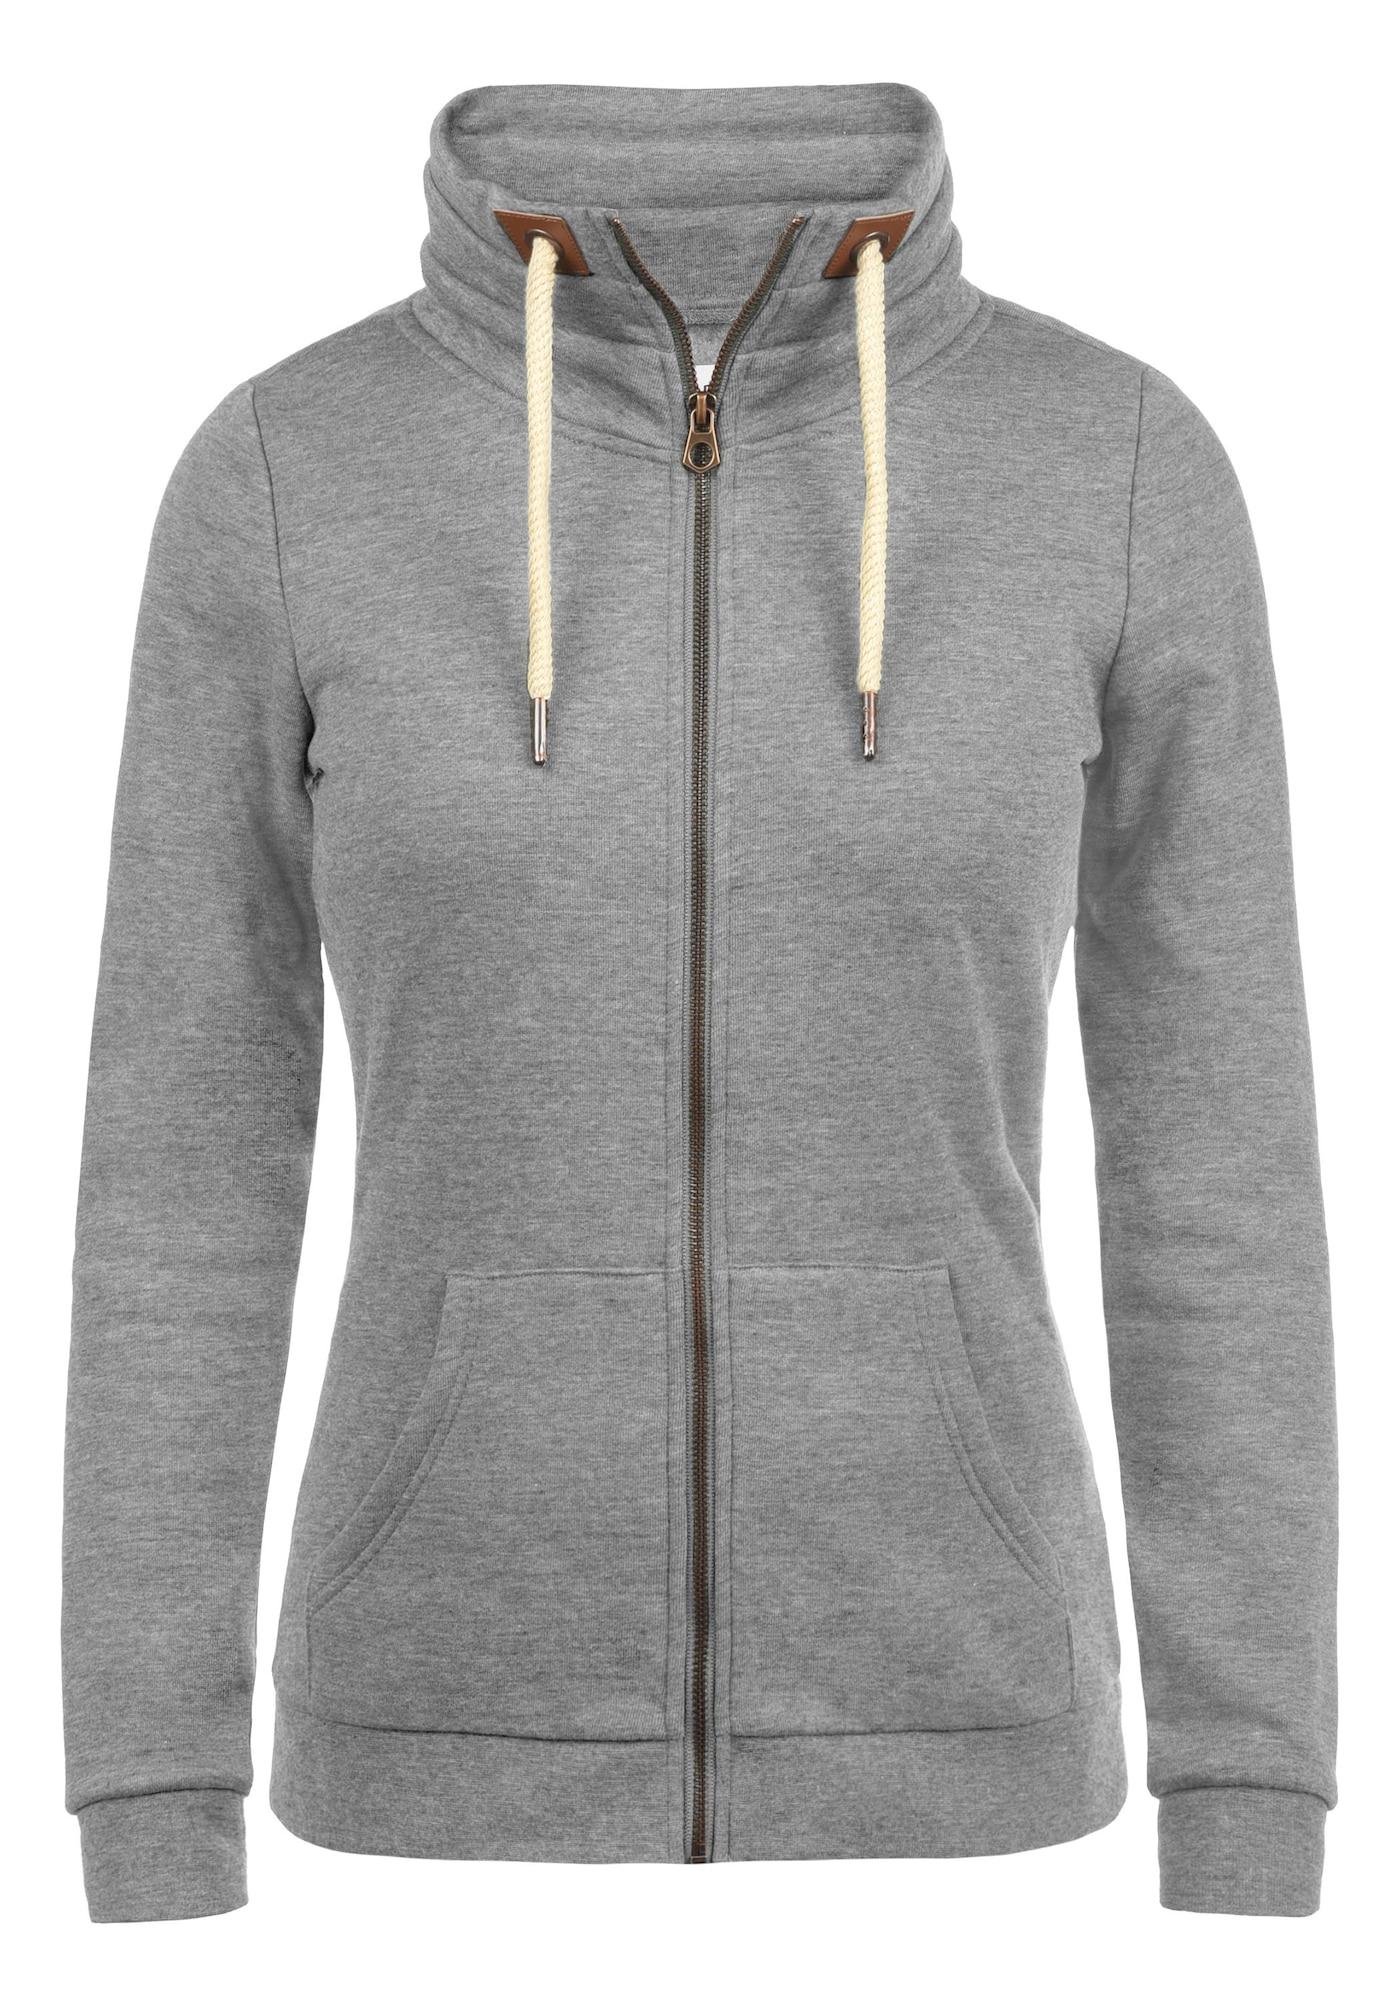 Sweatjacke 'Vicky Zipper'   Bekleidung > Sweatshirts & -jacken > Sweatjacken   Desires